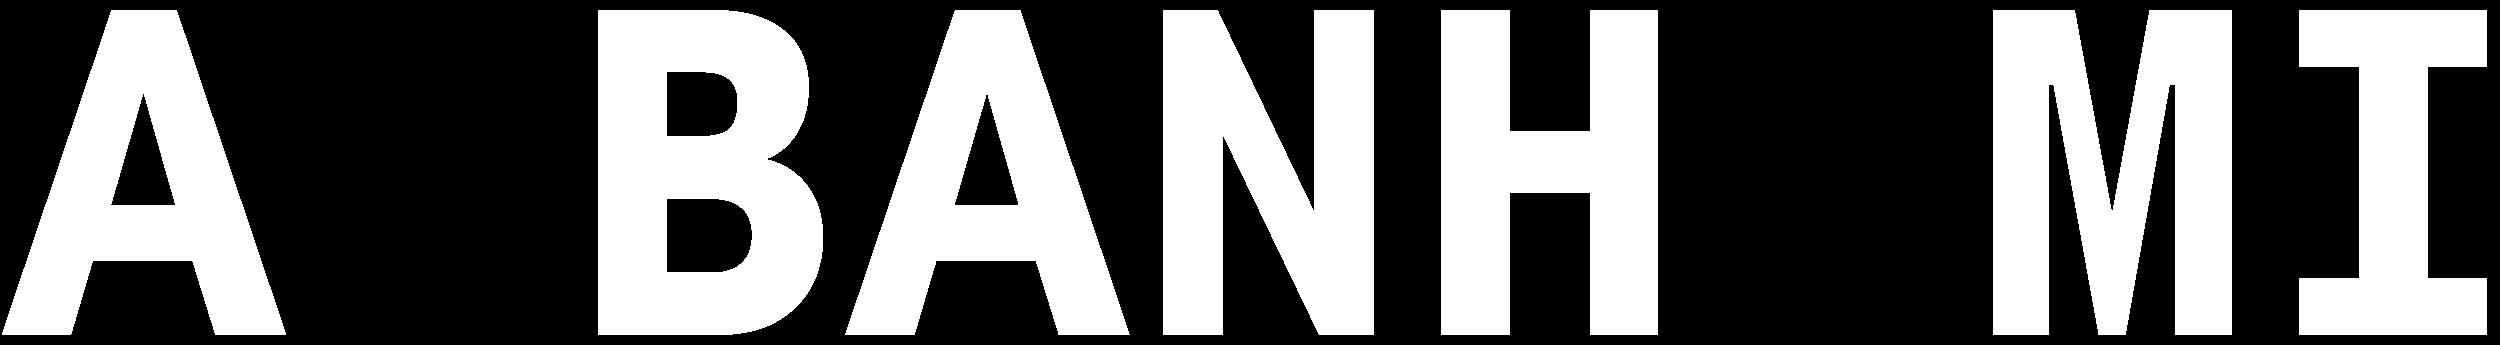 A Banh Mi